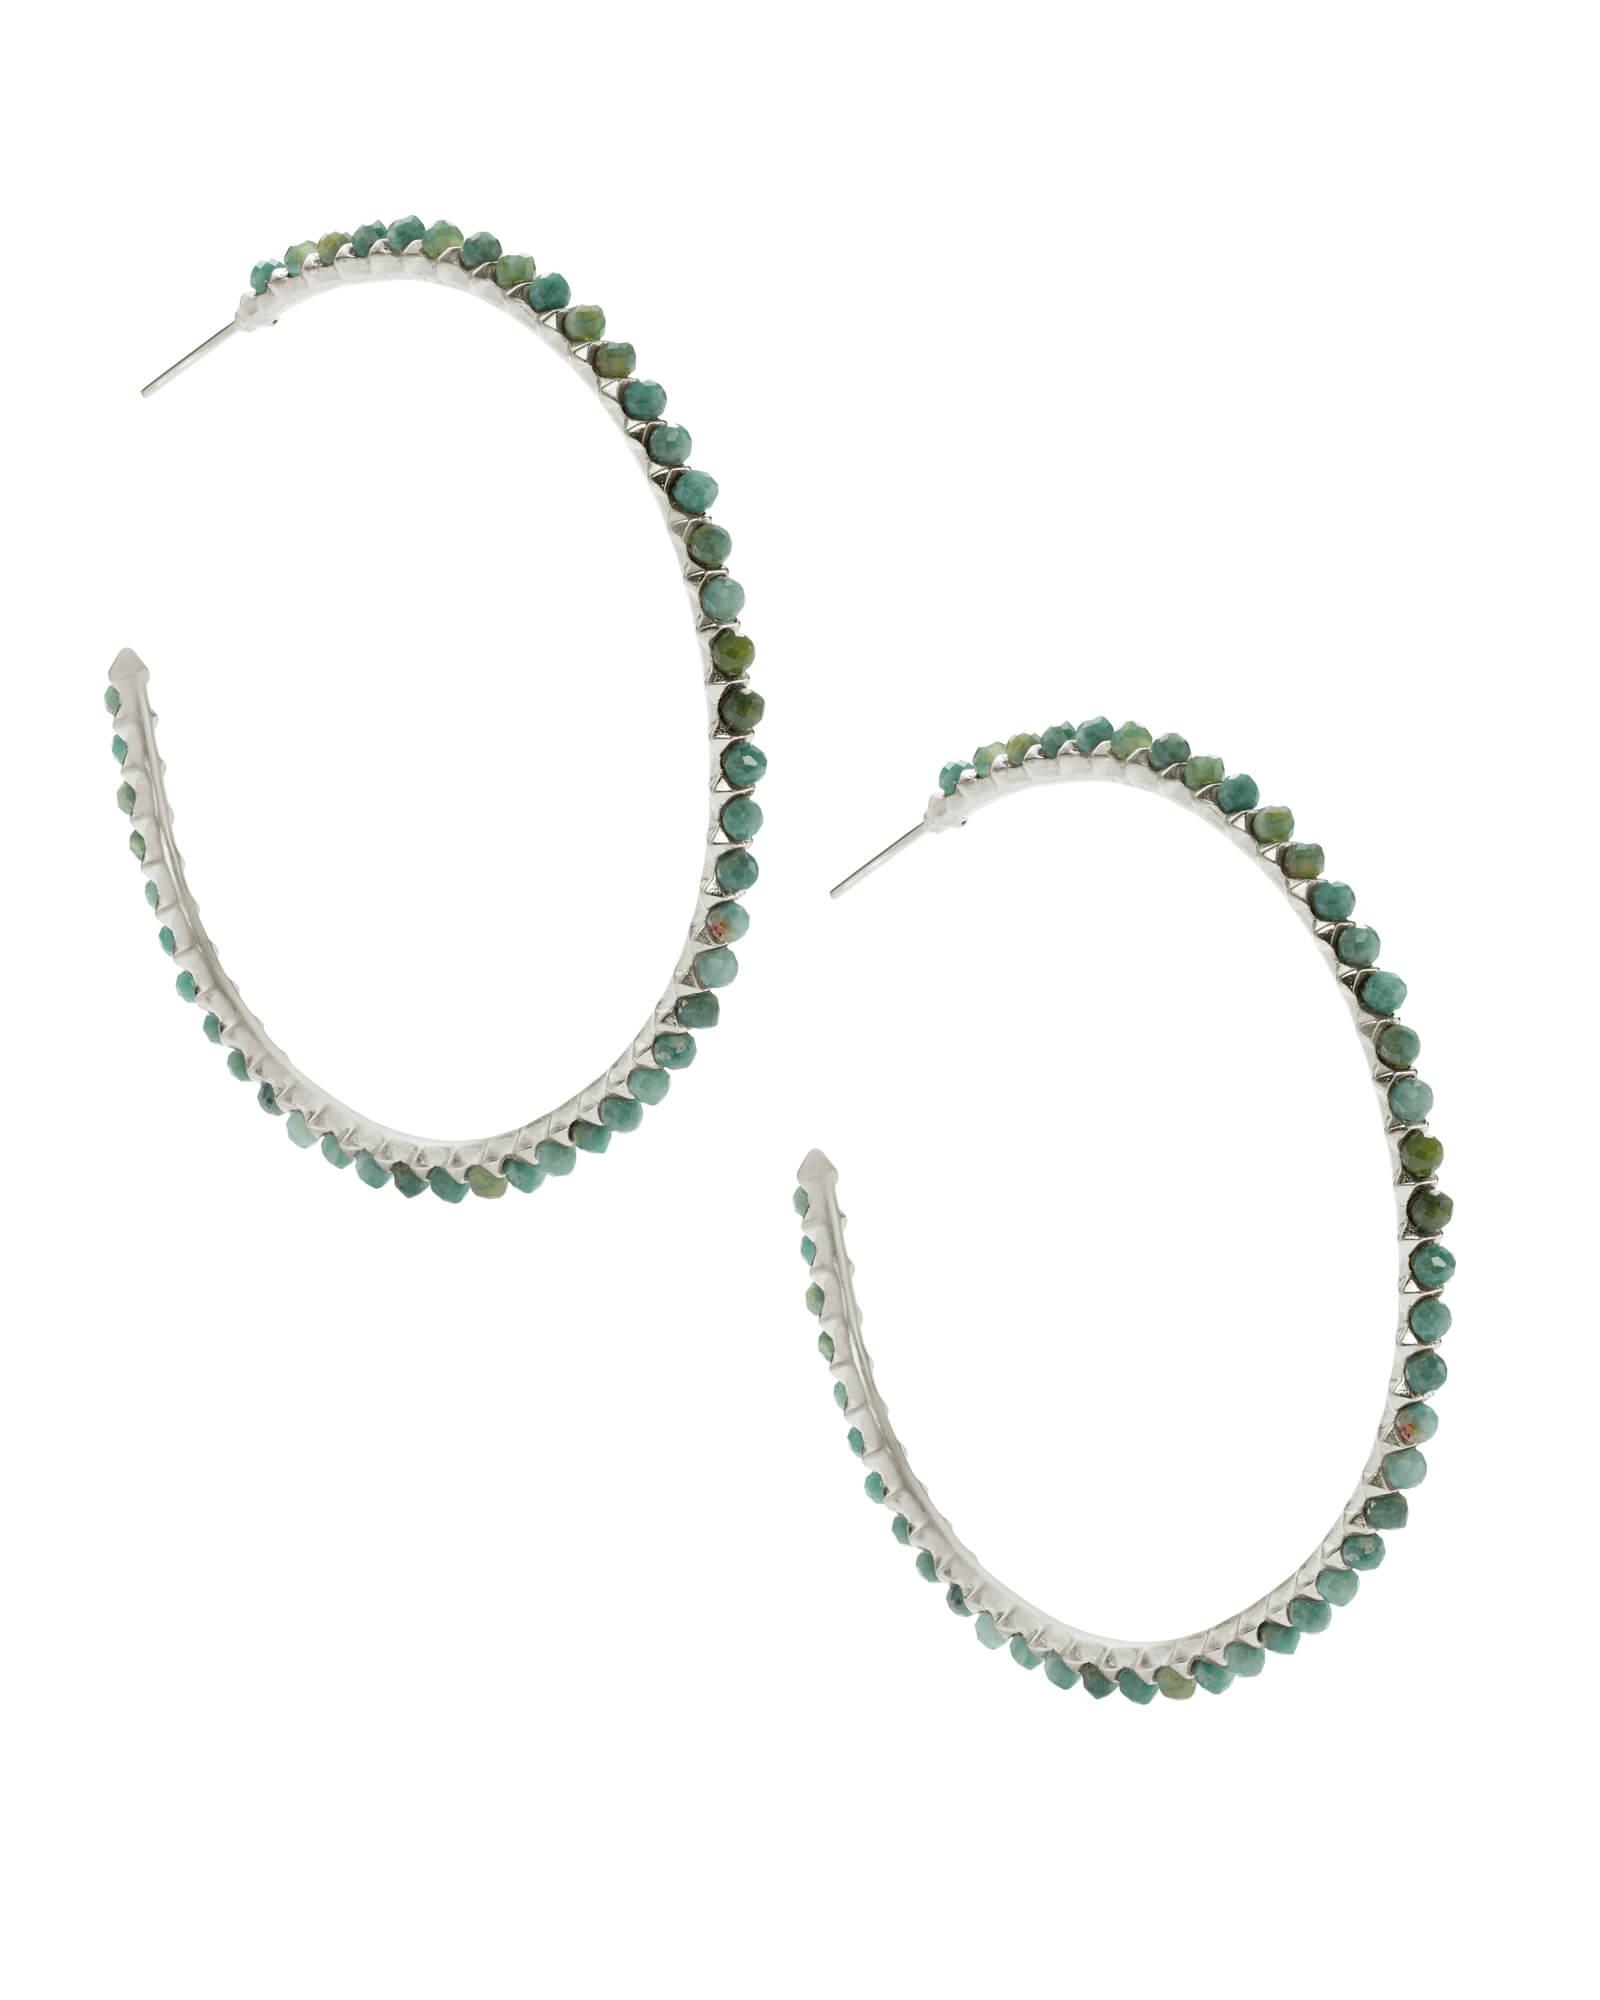 Birdie Silver Hoop Earrings in African Turquoise